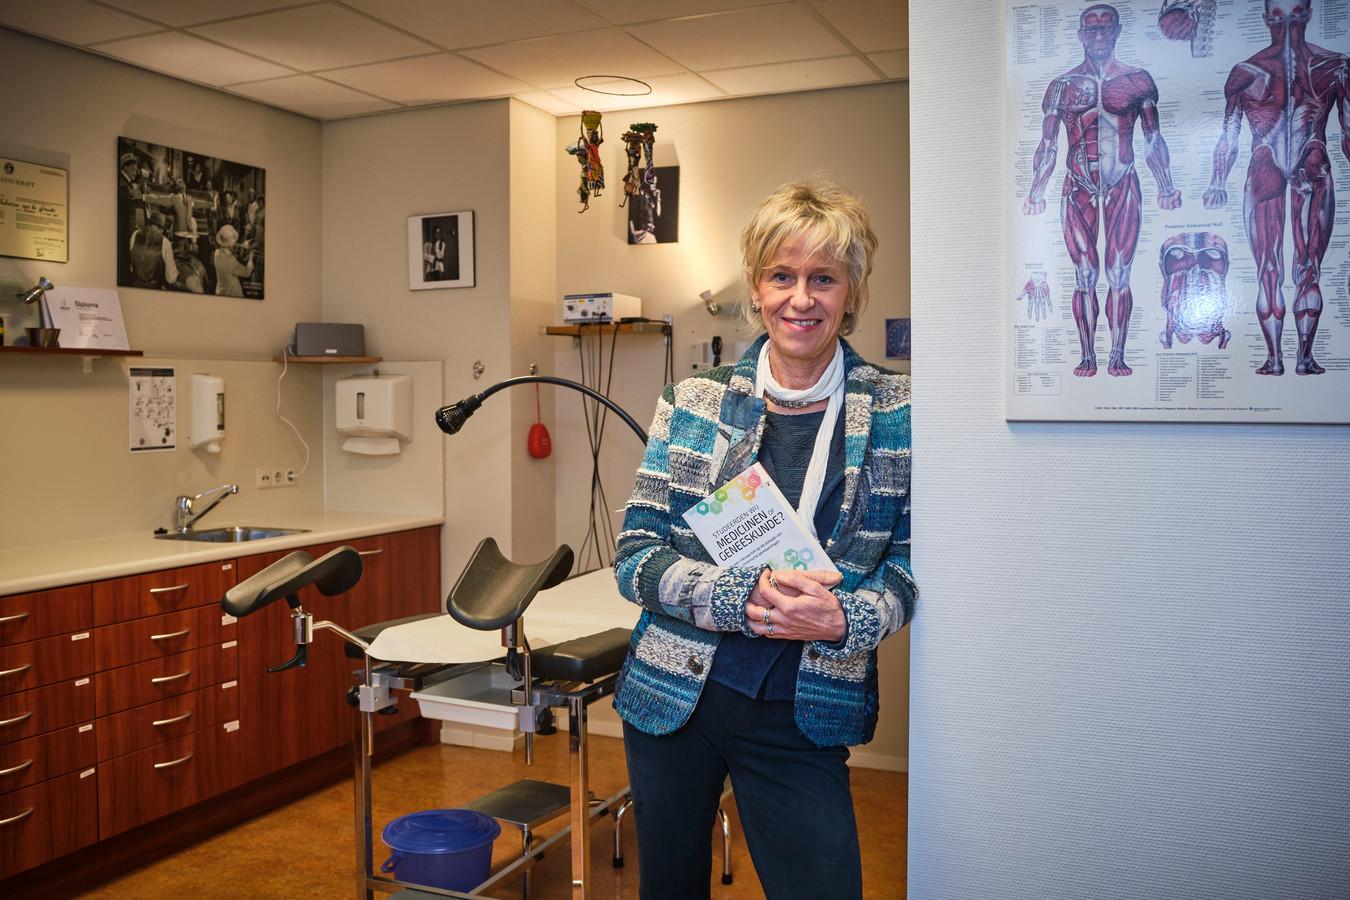 De Schiedamse huisarts Lieneke van de Griendt met haar boek 'Studeerden wij medicijnen of geneeskunde?'